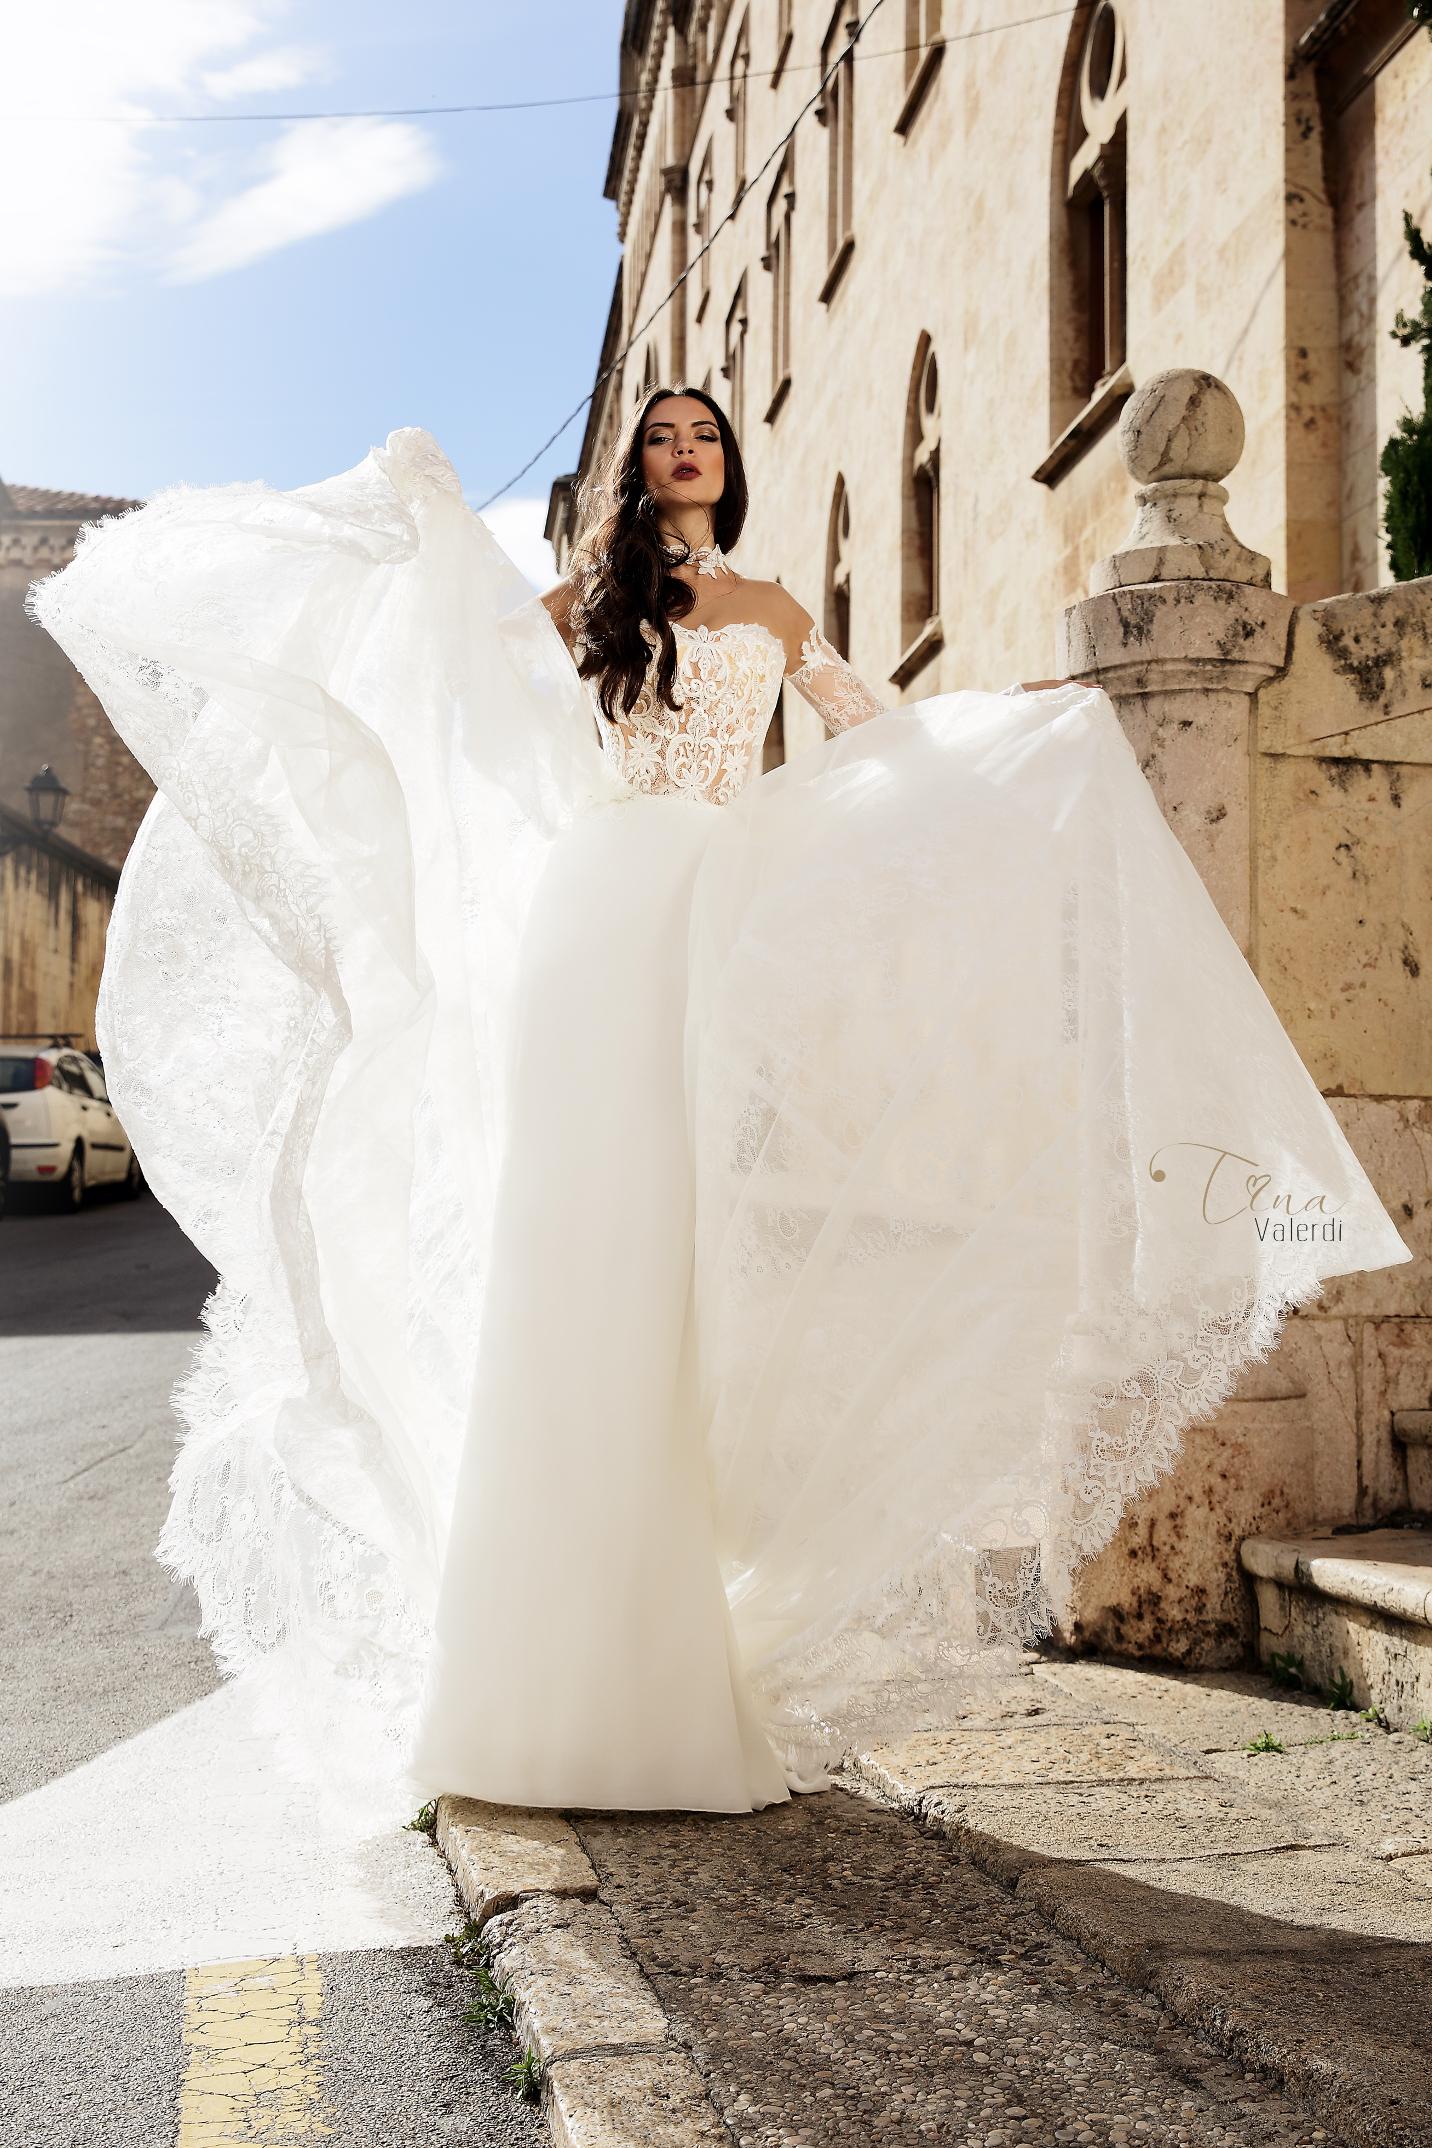 vestuvines sukneles tina valerdi Virginia3